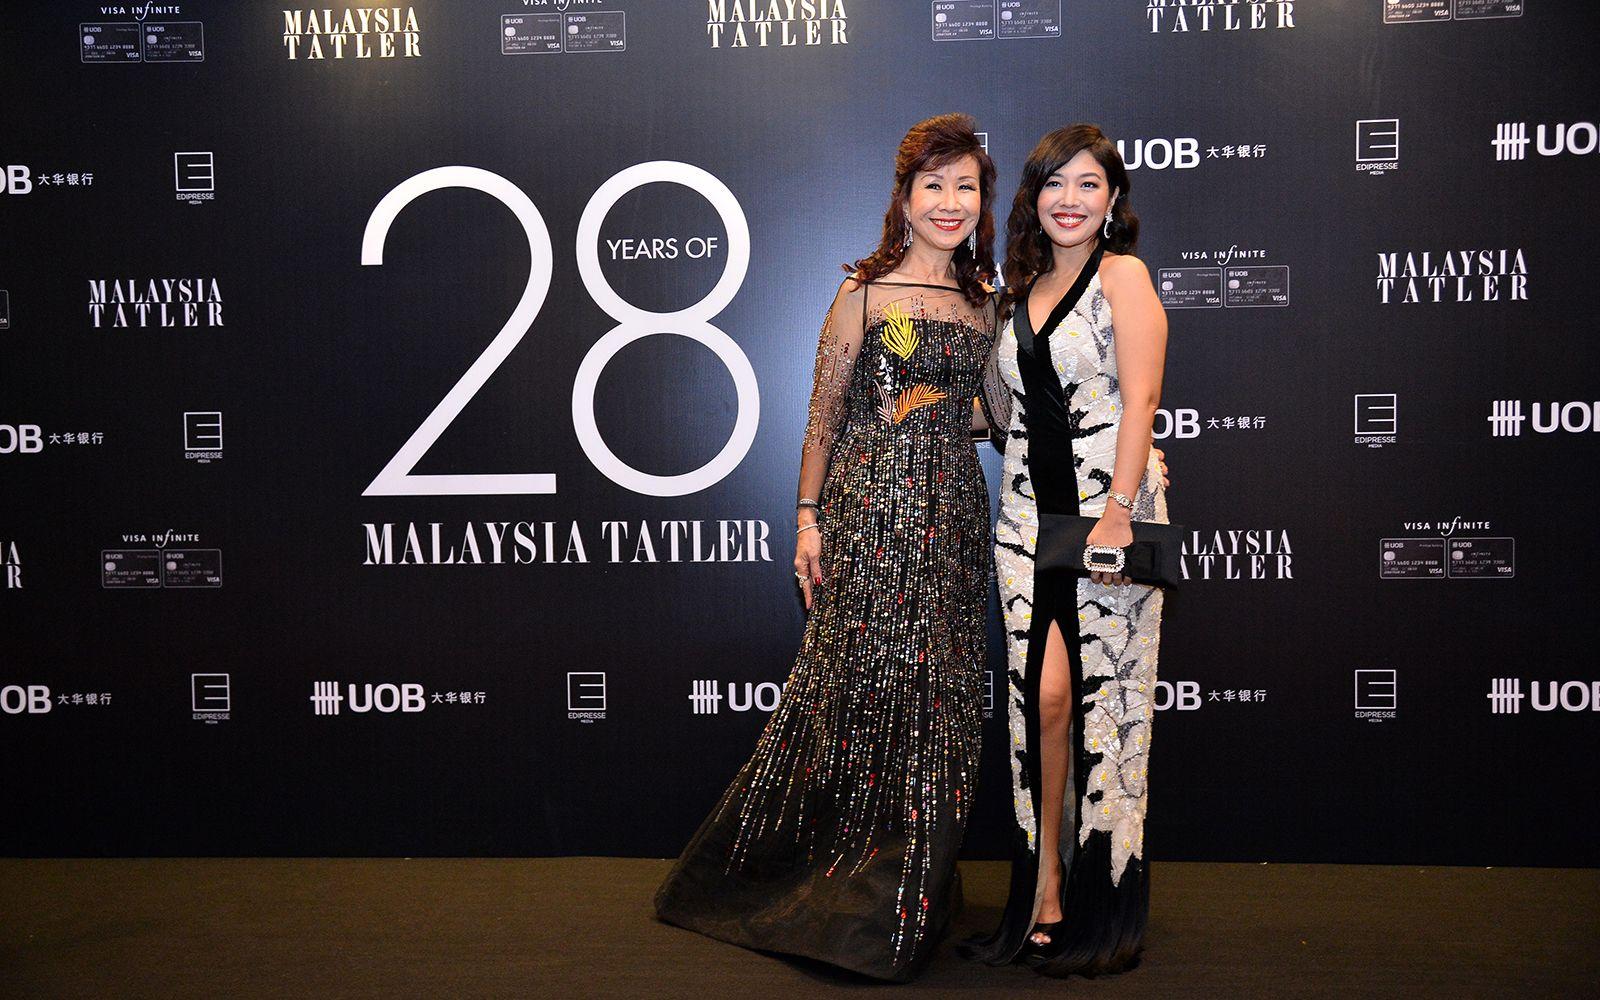 Florence Fang in Bernard Chandran and Shirena Hamzah in Farah Khan Couture